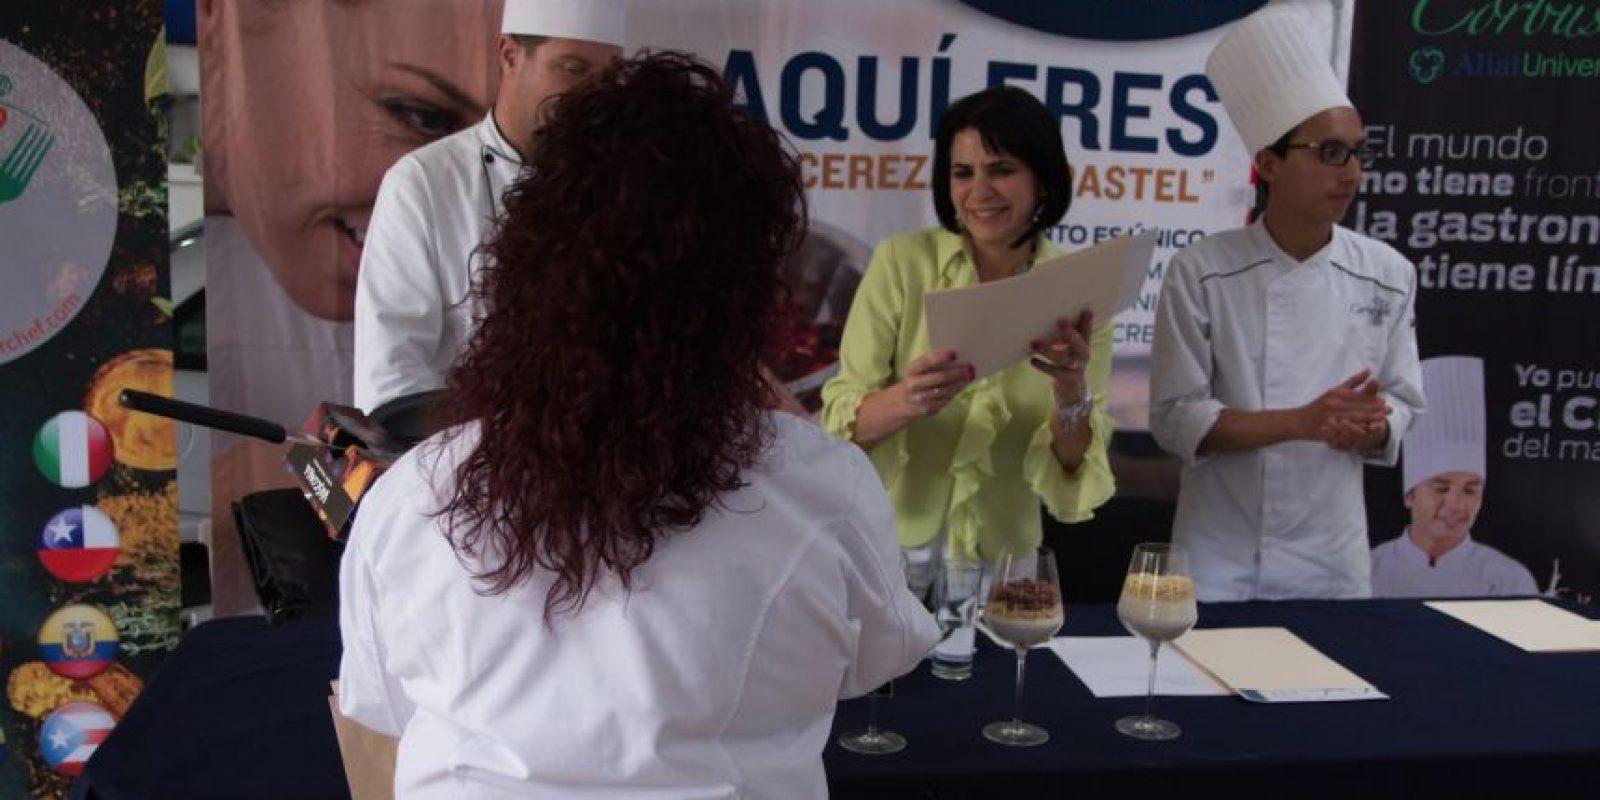 El segundo lugar fue para María Eugenia Dávila. Foto:Gregorio López / Publimetro